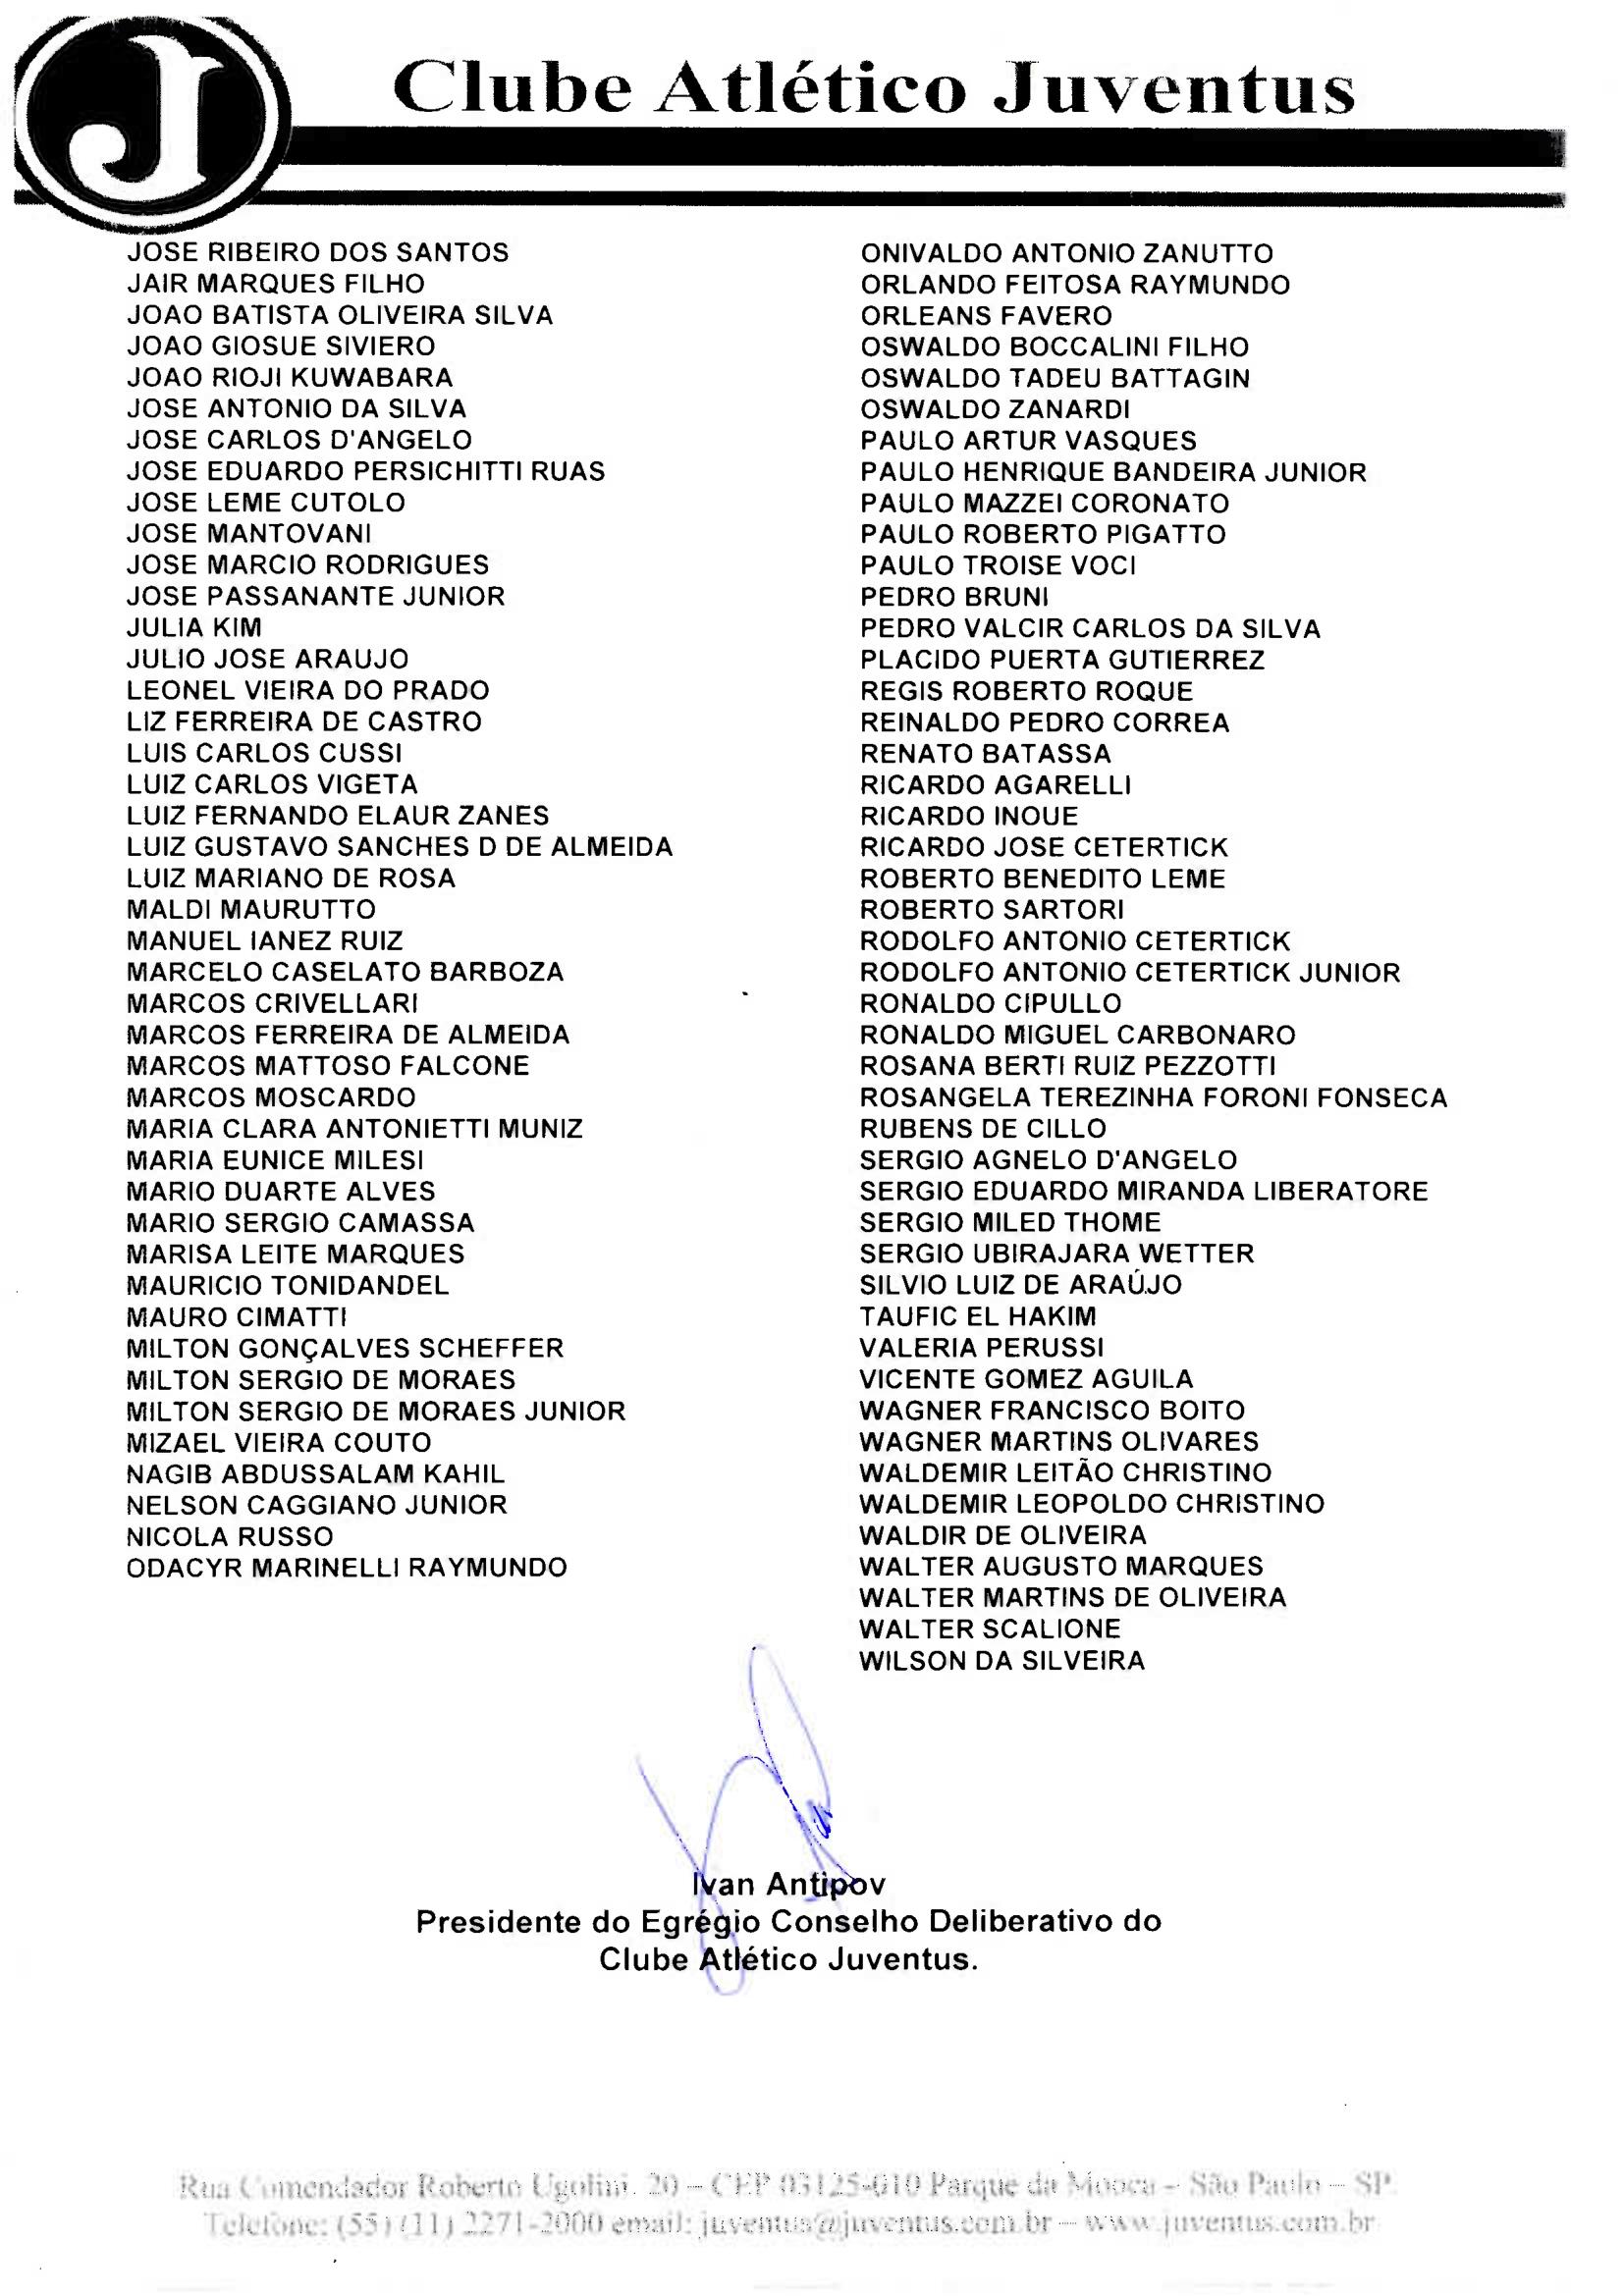 Lista 2 maio 2019